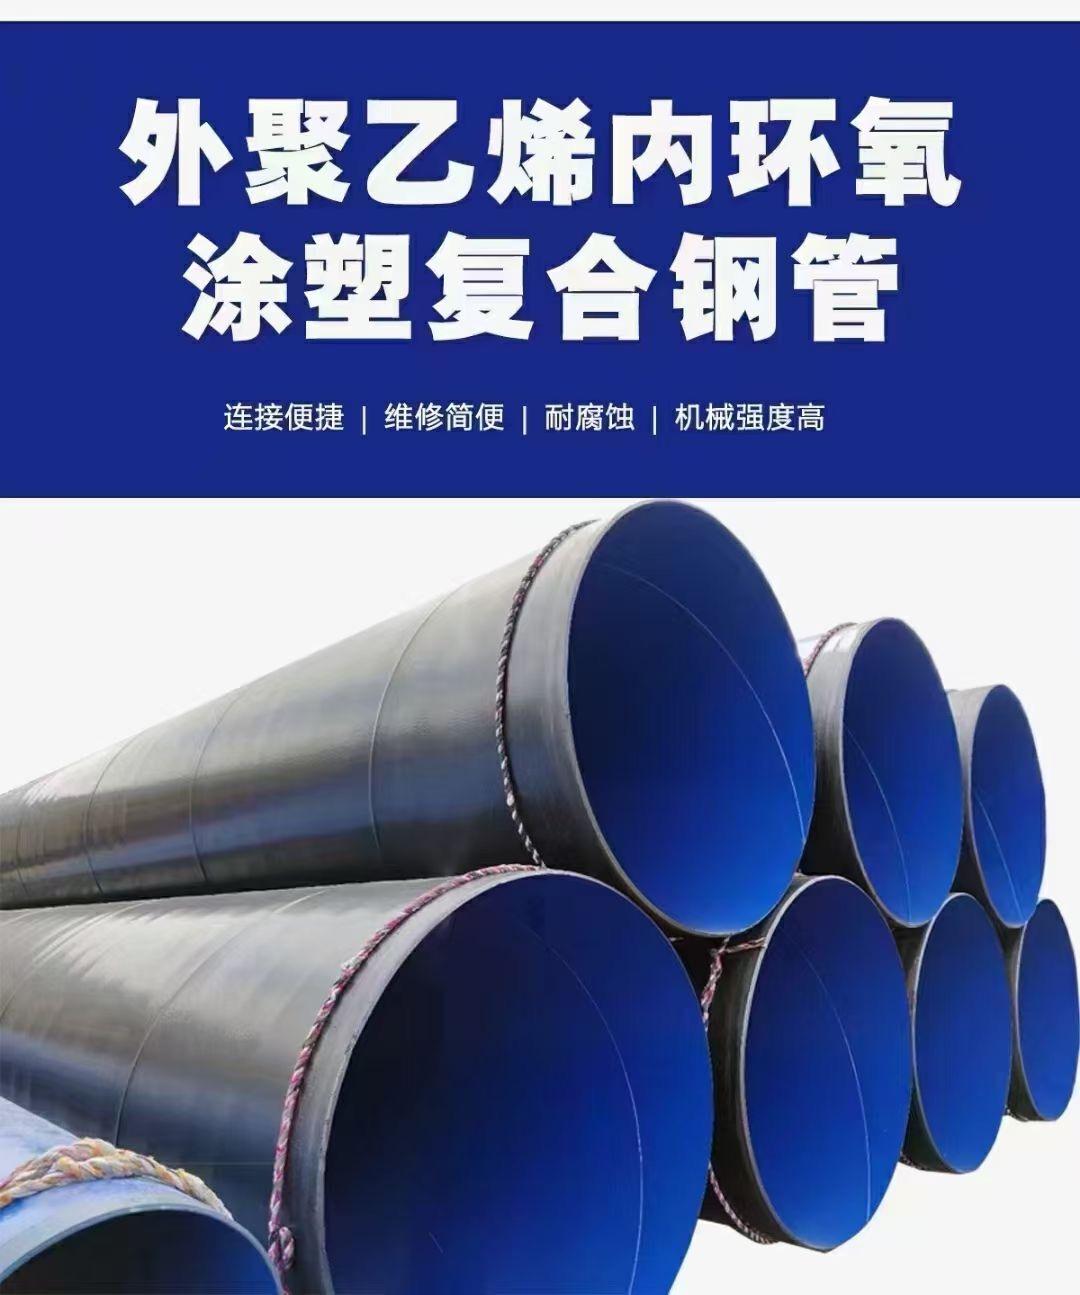 徐州市DN1220*16防腐钢管每米多少钱【名辉管道】